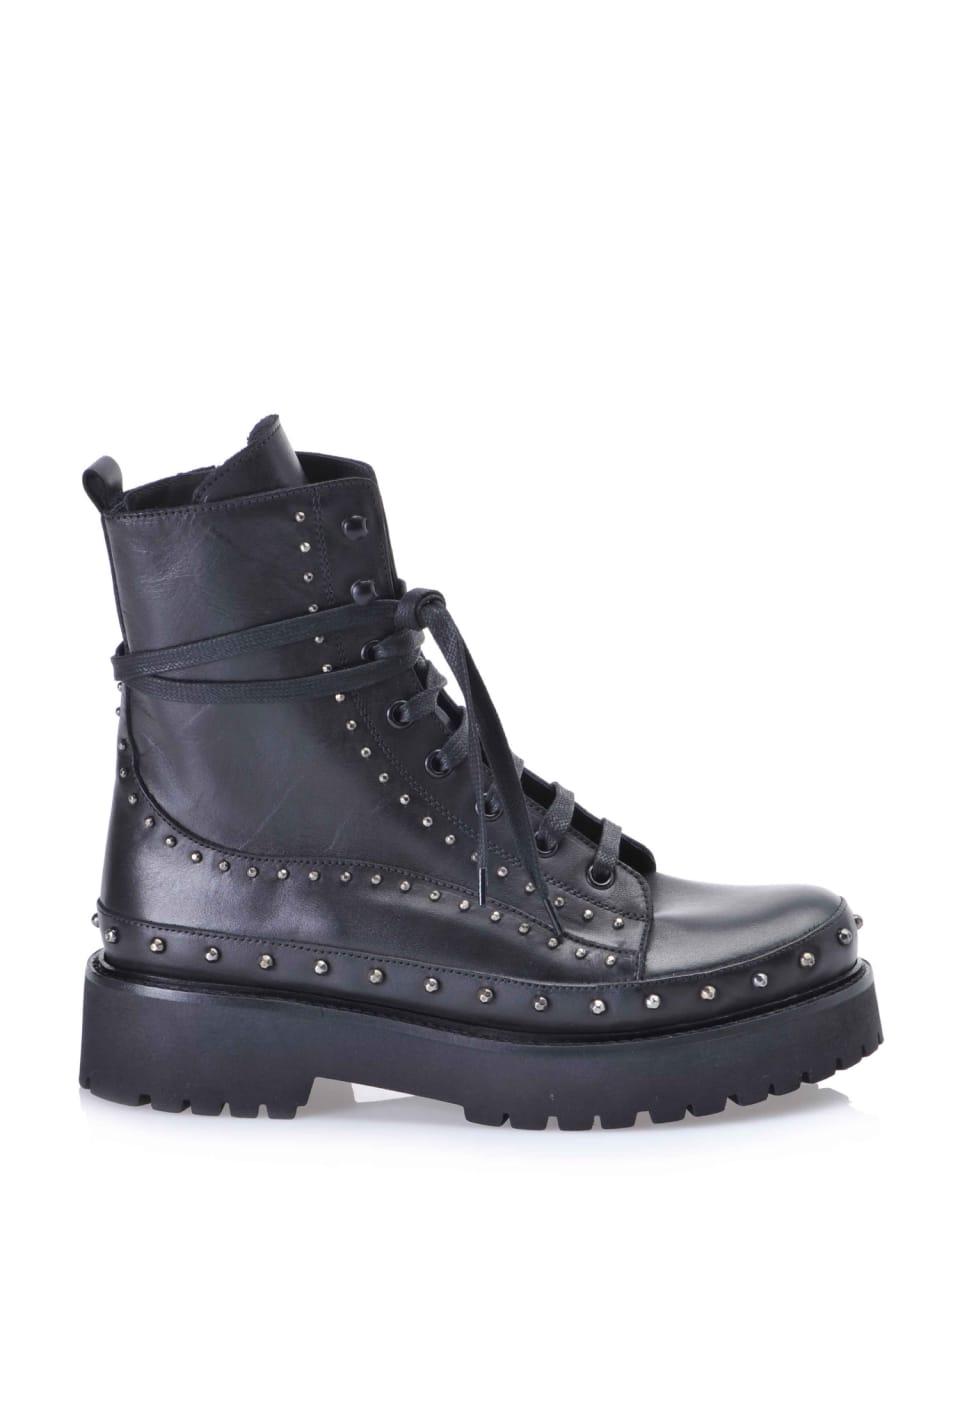 铆钉装饰皮革厚底水陆两栖鞋 - Pinko